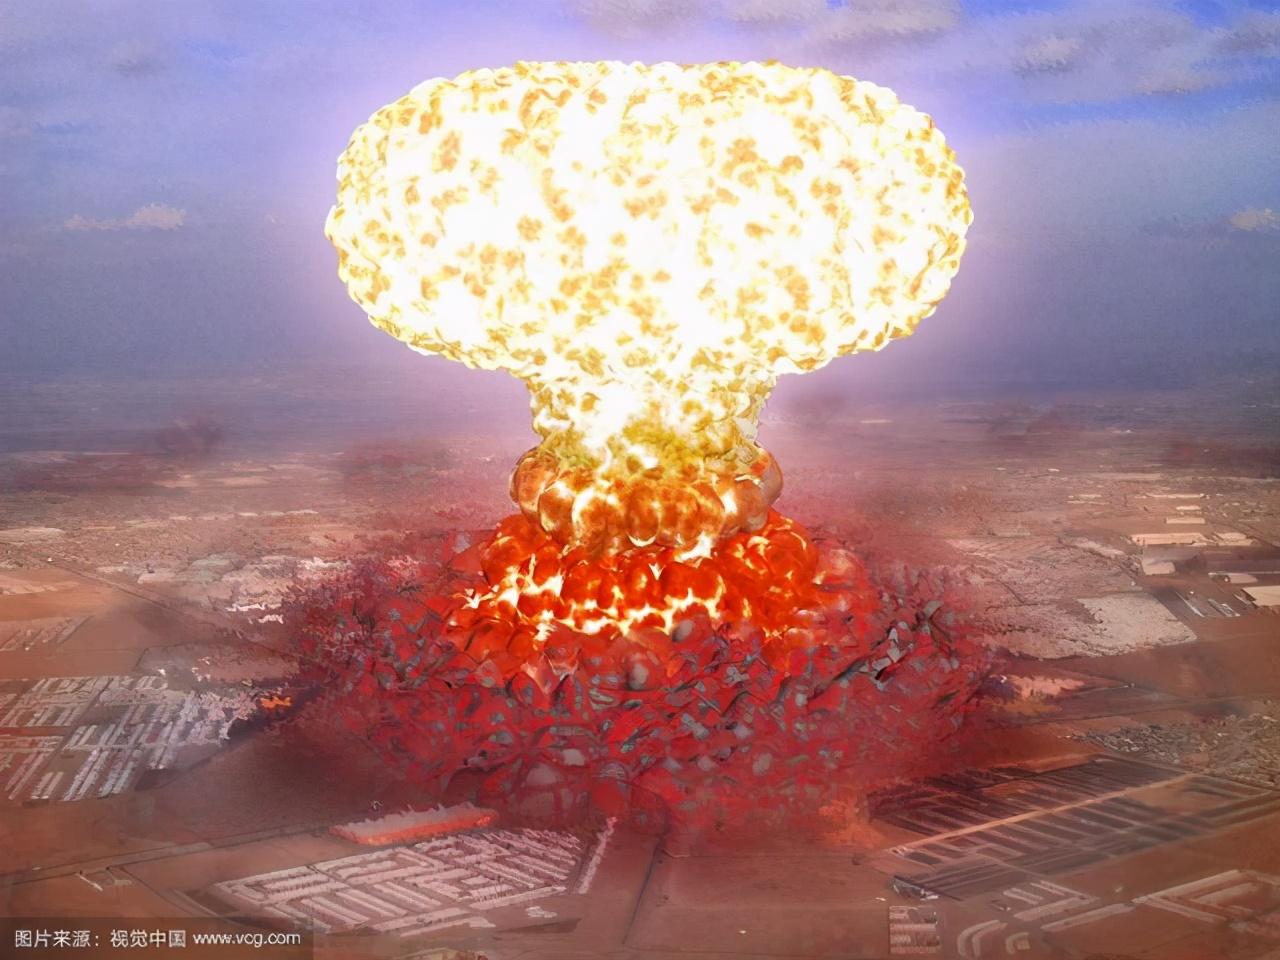 五则消息:一场末日战,两种核弹,一个统一时间表,一场全面战争